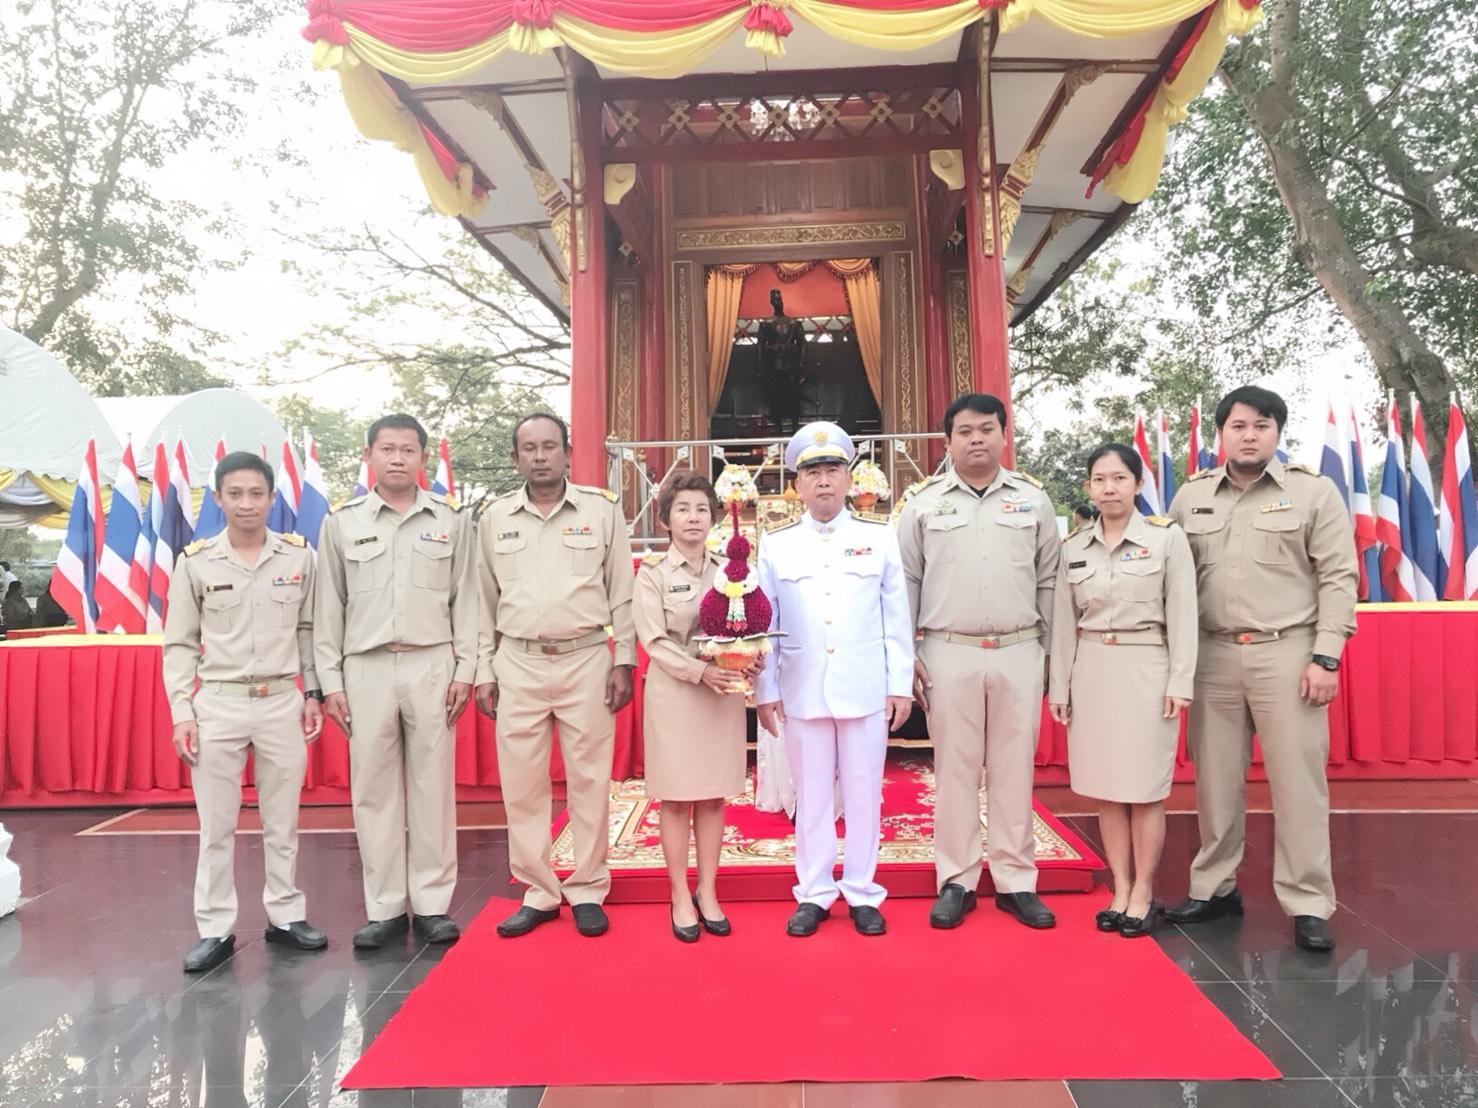 กปภ.สาขาปราจีนบุรี ได้เข้าร่วมพิธีวางพานพุ่มถวายราชสักการะ วันยุทธหัตถีของสมเด็จพระนเรศวรมหาราช ประจำปี 2561 เวลา 07.00 น. เป็นต้นไป ณ บริเวณศาลสมเด็จพระนเรศวรมณฑลทหารบกที่ 12 ต.บ้านพระ อ.เมือง จ.ปราจีนบุรี